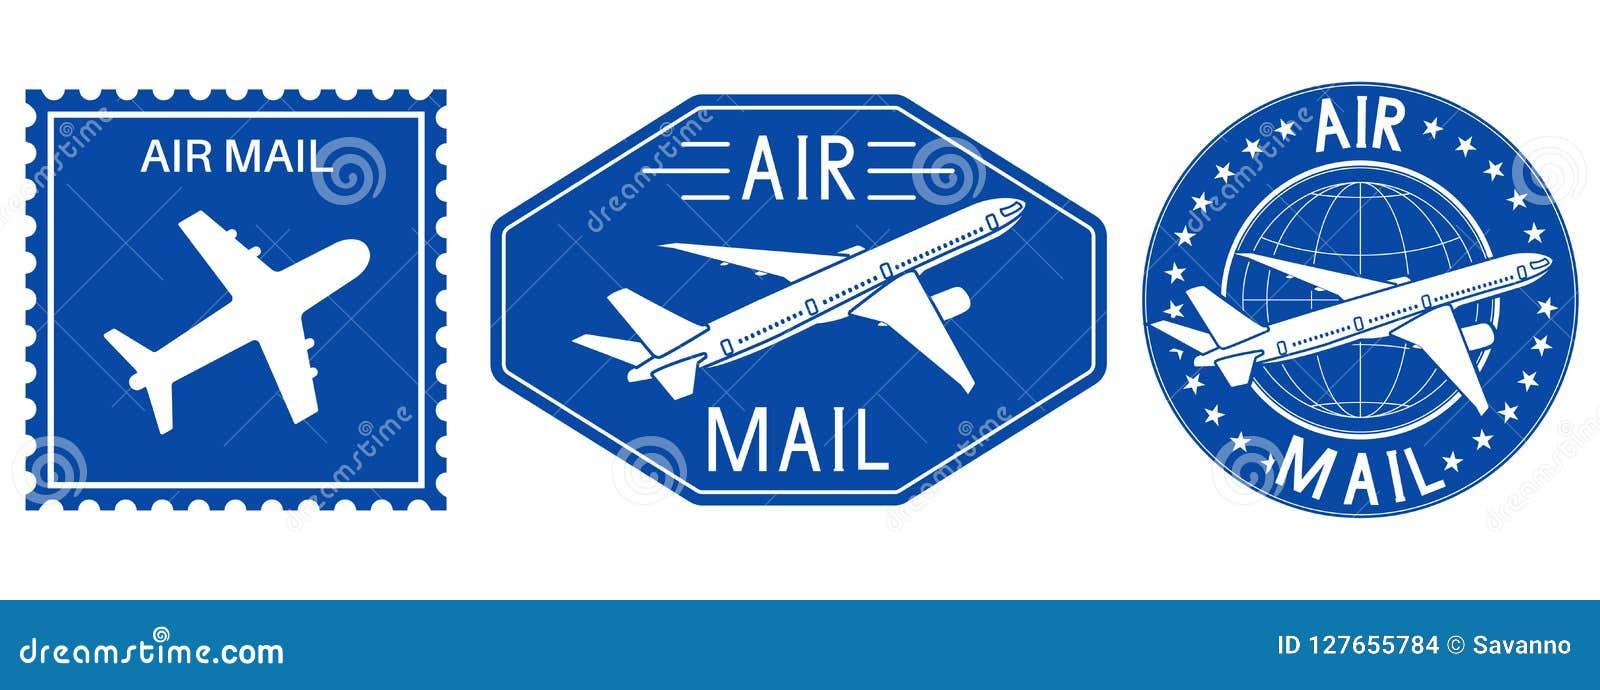 Blaue Poststempel Luftpostzeichen mit Flugzeug